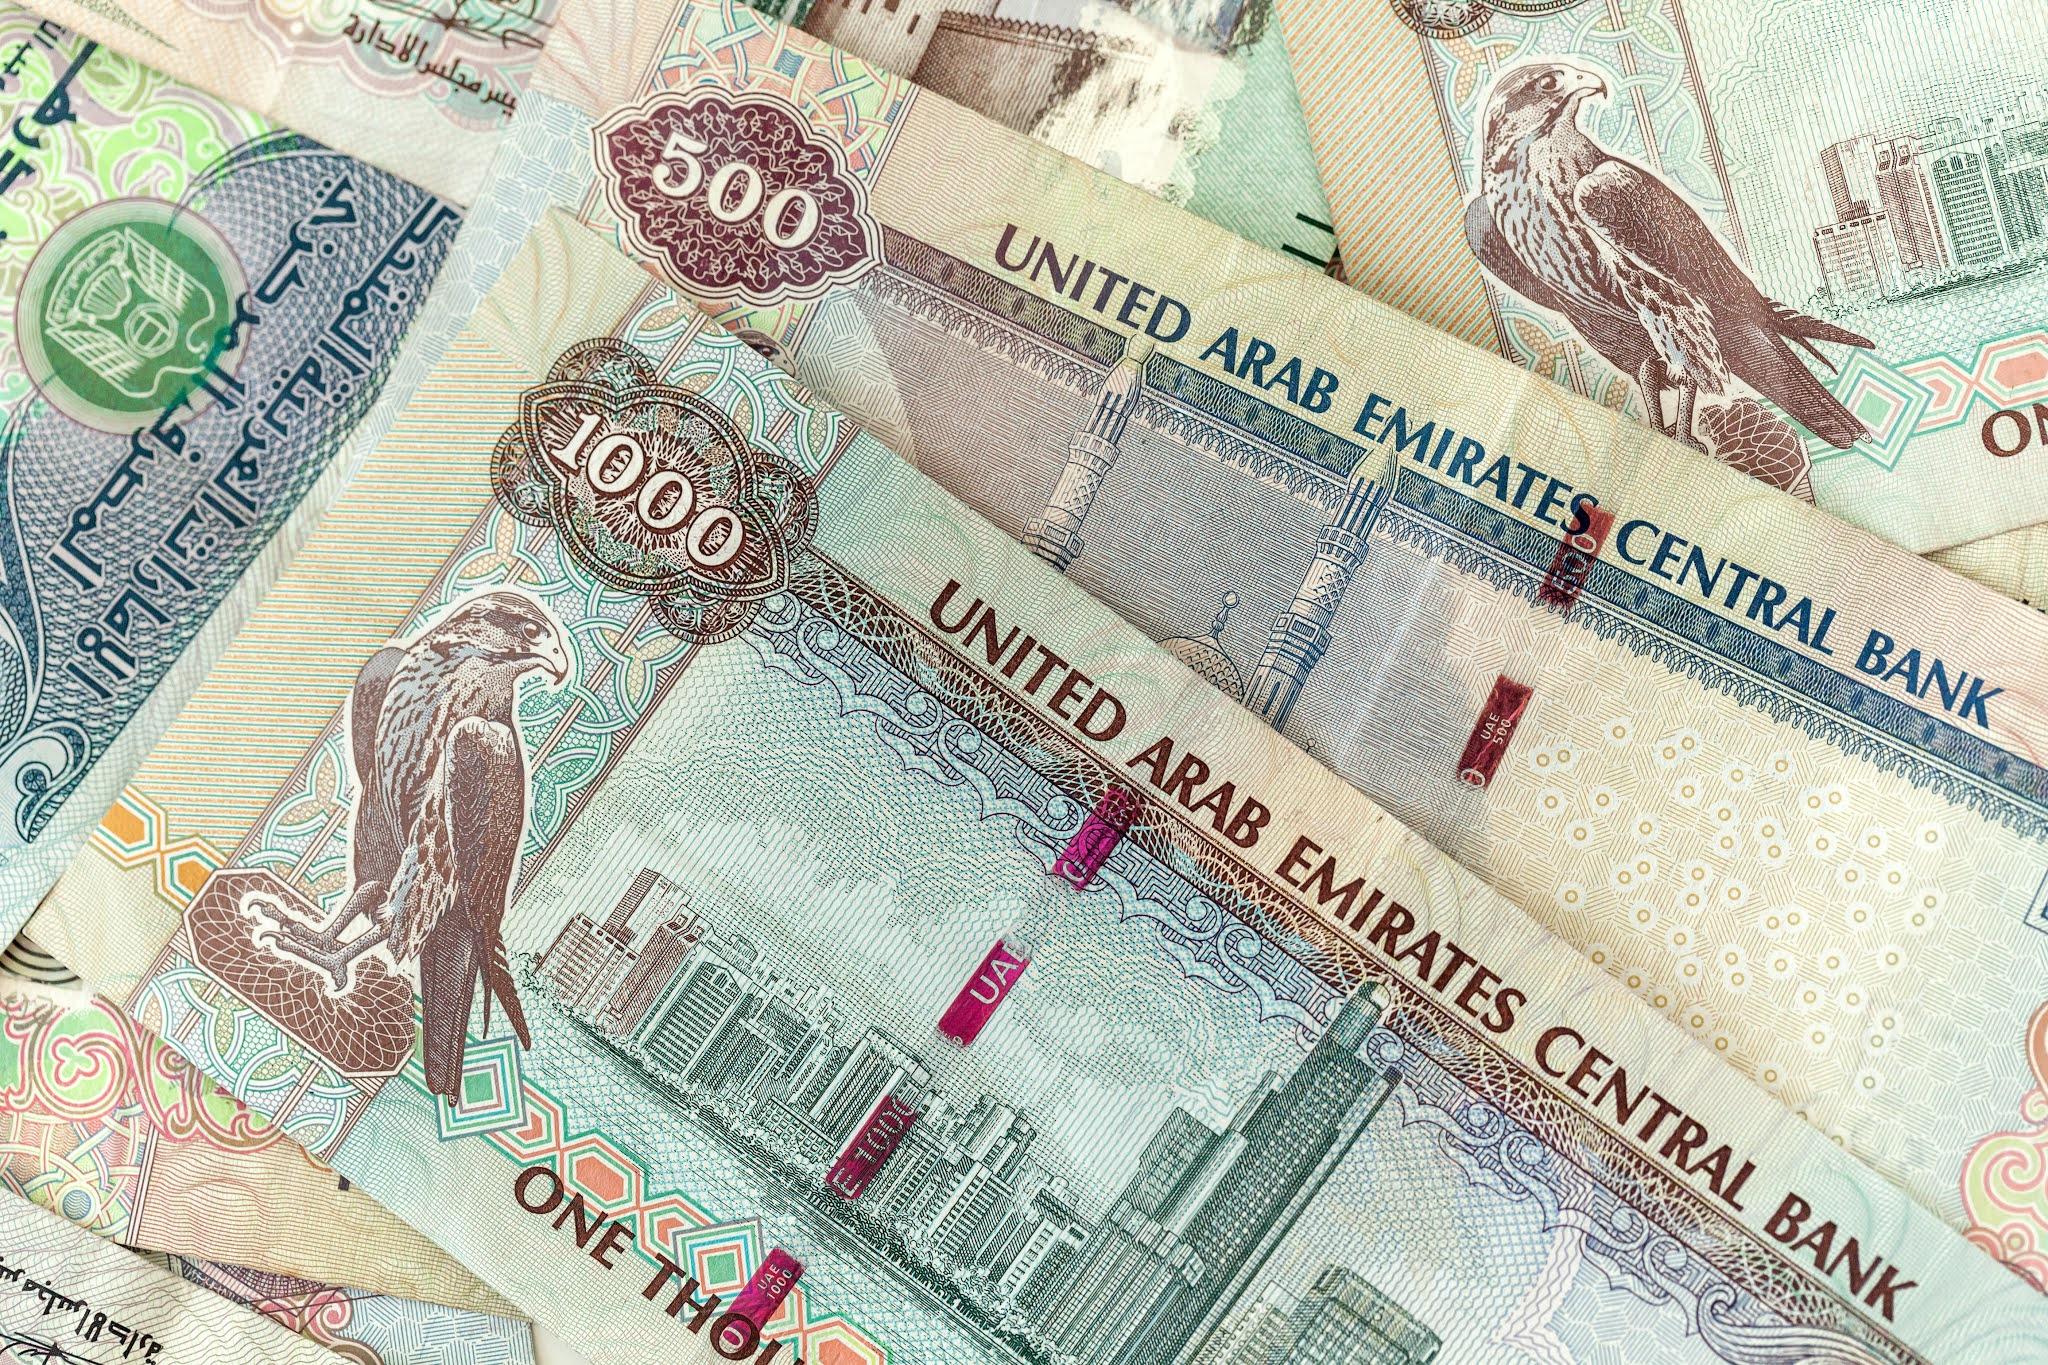 البنوك التقليدية تجذب 5.8 مليار درهم لحسابات التوفير في شهرين